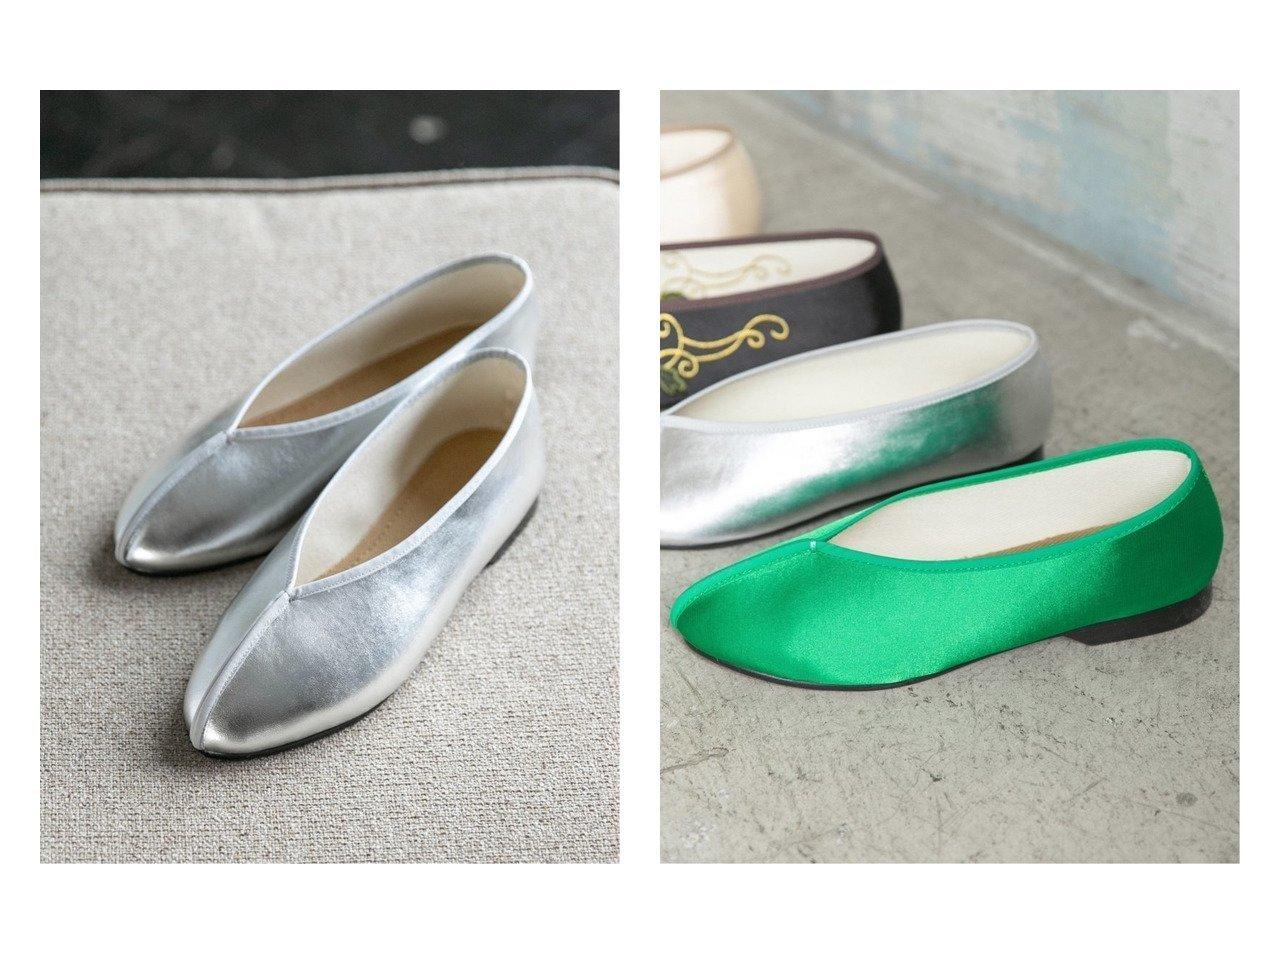 【LOWRYS FARM/ローリーズファーム】のパイピングシューズ シューズ・靴のおすすめ!人気トレンド・レディースファッションの通販 おすすめで人気のファッション通販商品 インテリア・家具・キッズファッション・メンズファッション・レディースファッション・服の通販 founy(ファニー) https://founy.com/ ファッション Fashion レディースファッション WOMEN シューズ フラット |ID:crp329100000007772